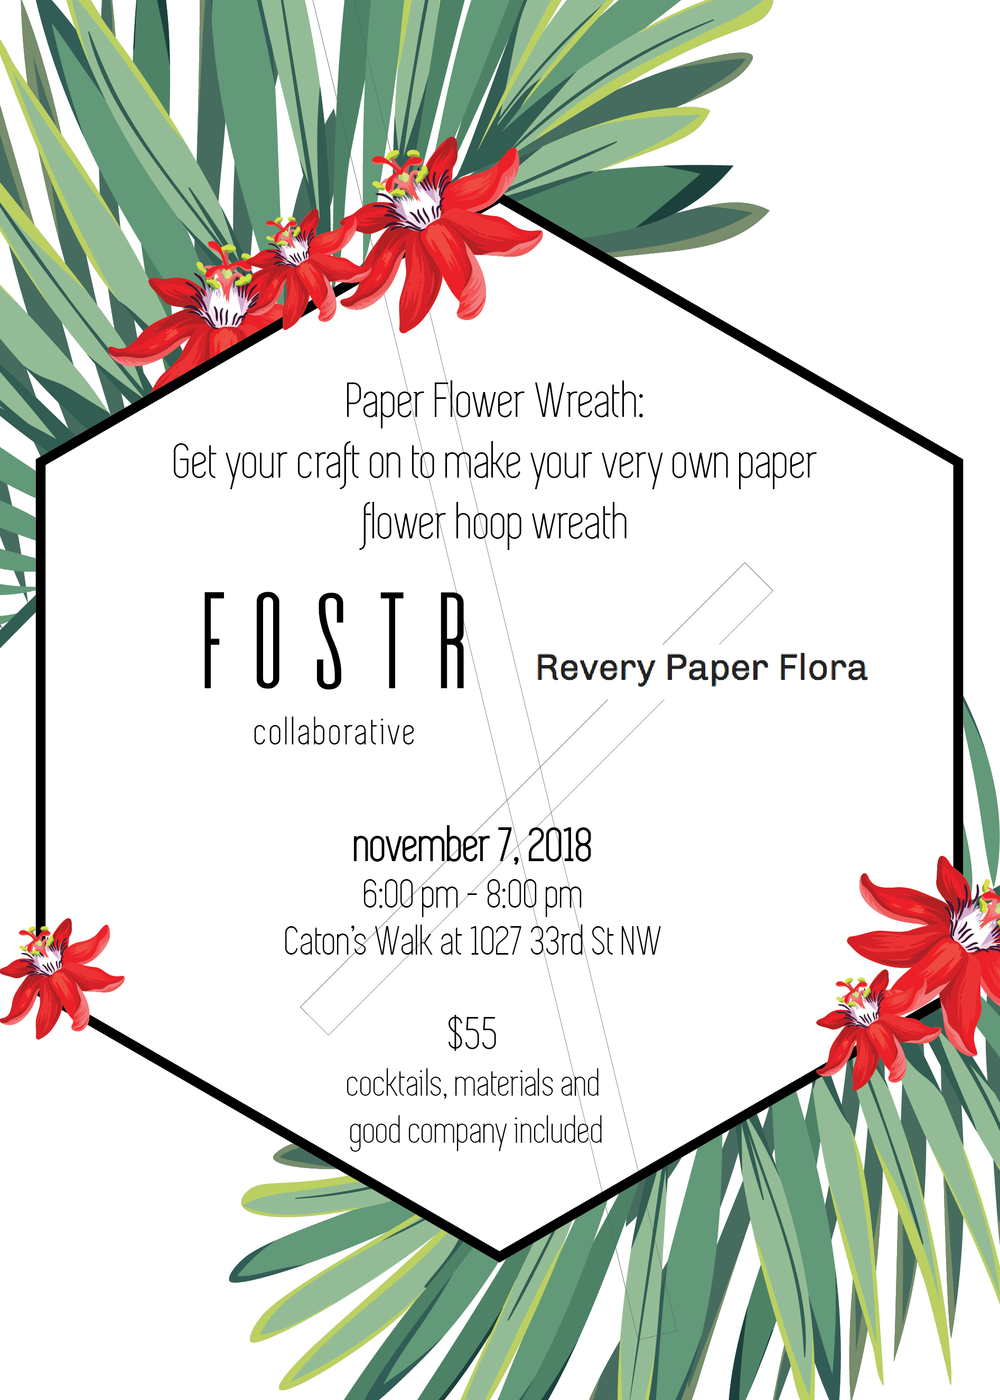 fostr_workshop_emily 20181107-01.png